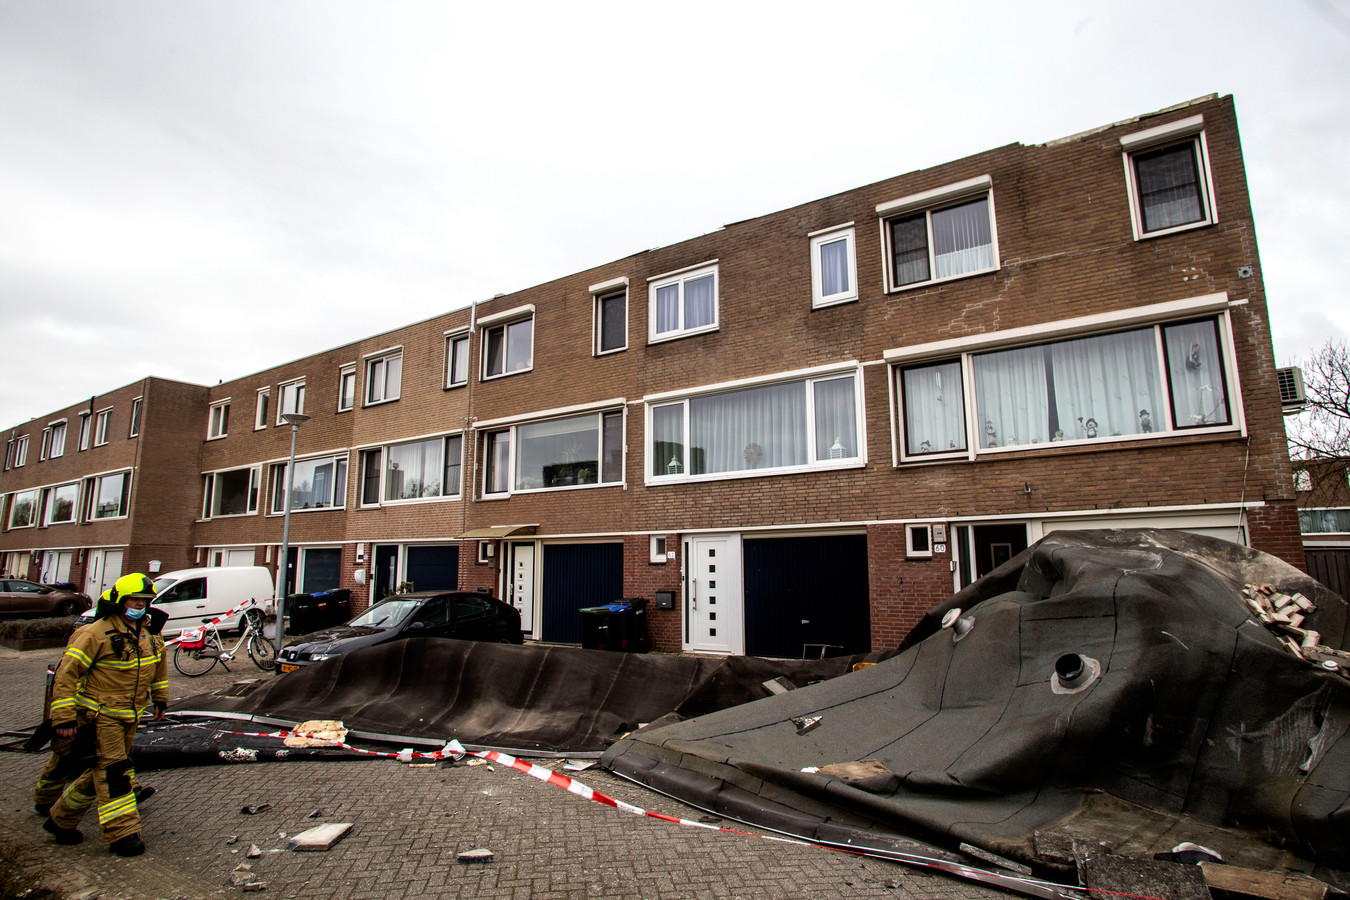 Opnieuw woei in Staart-oost een dak van woningen, compleet met schoorstenen en zonnepanelen.